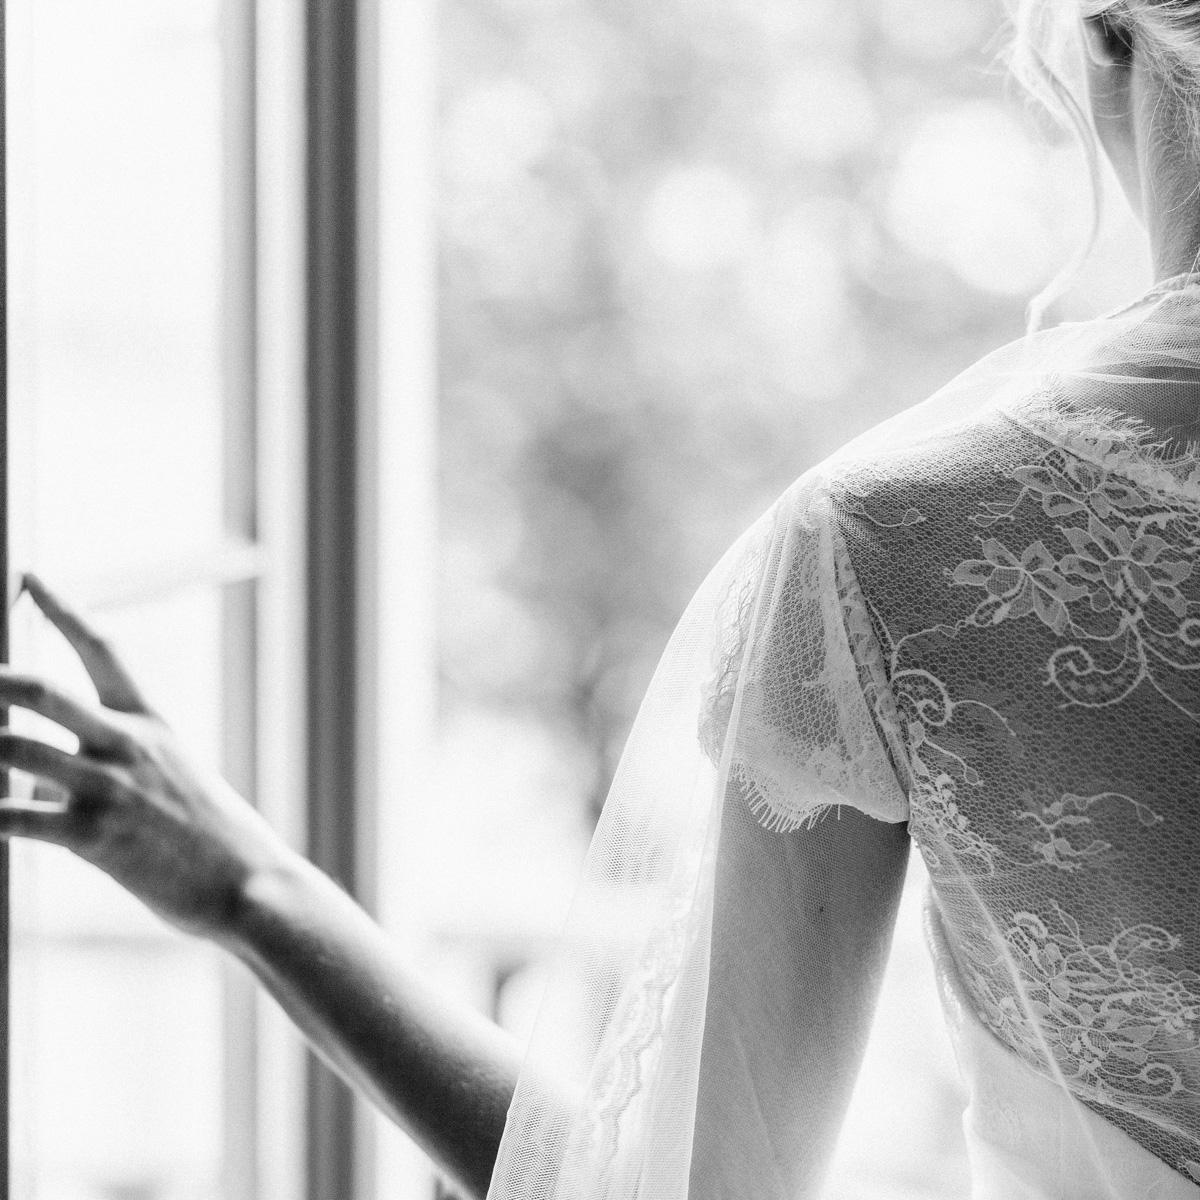 bridal-details-fine-art-photography